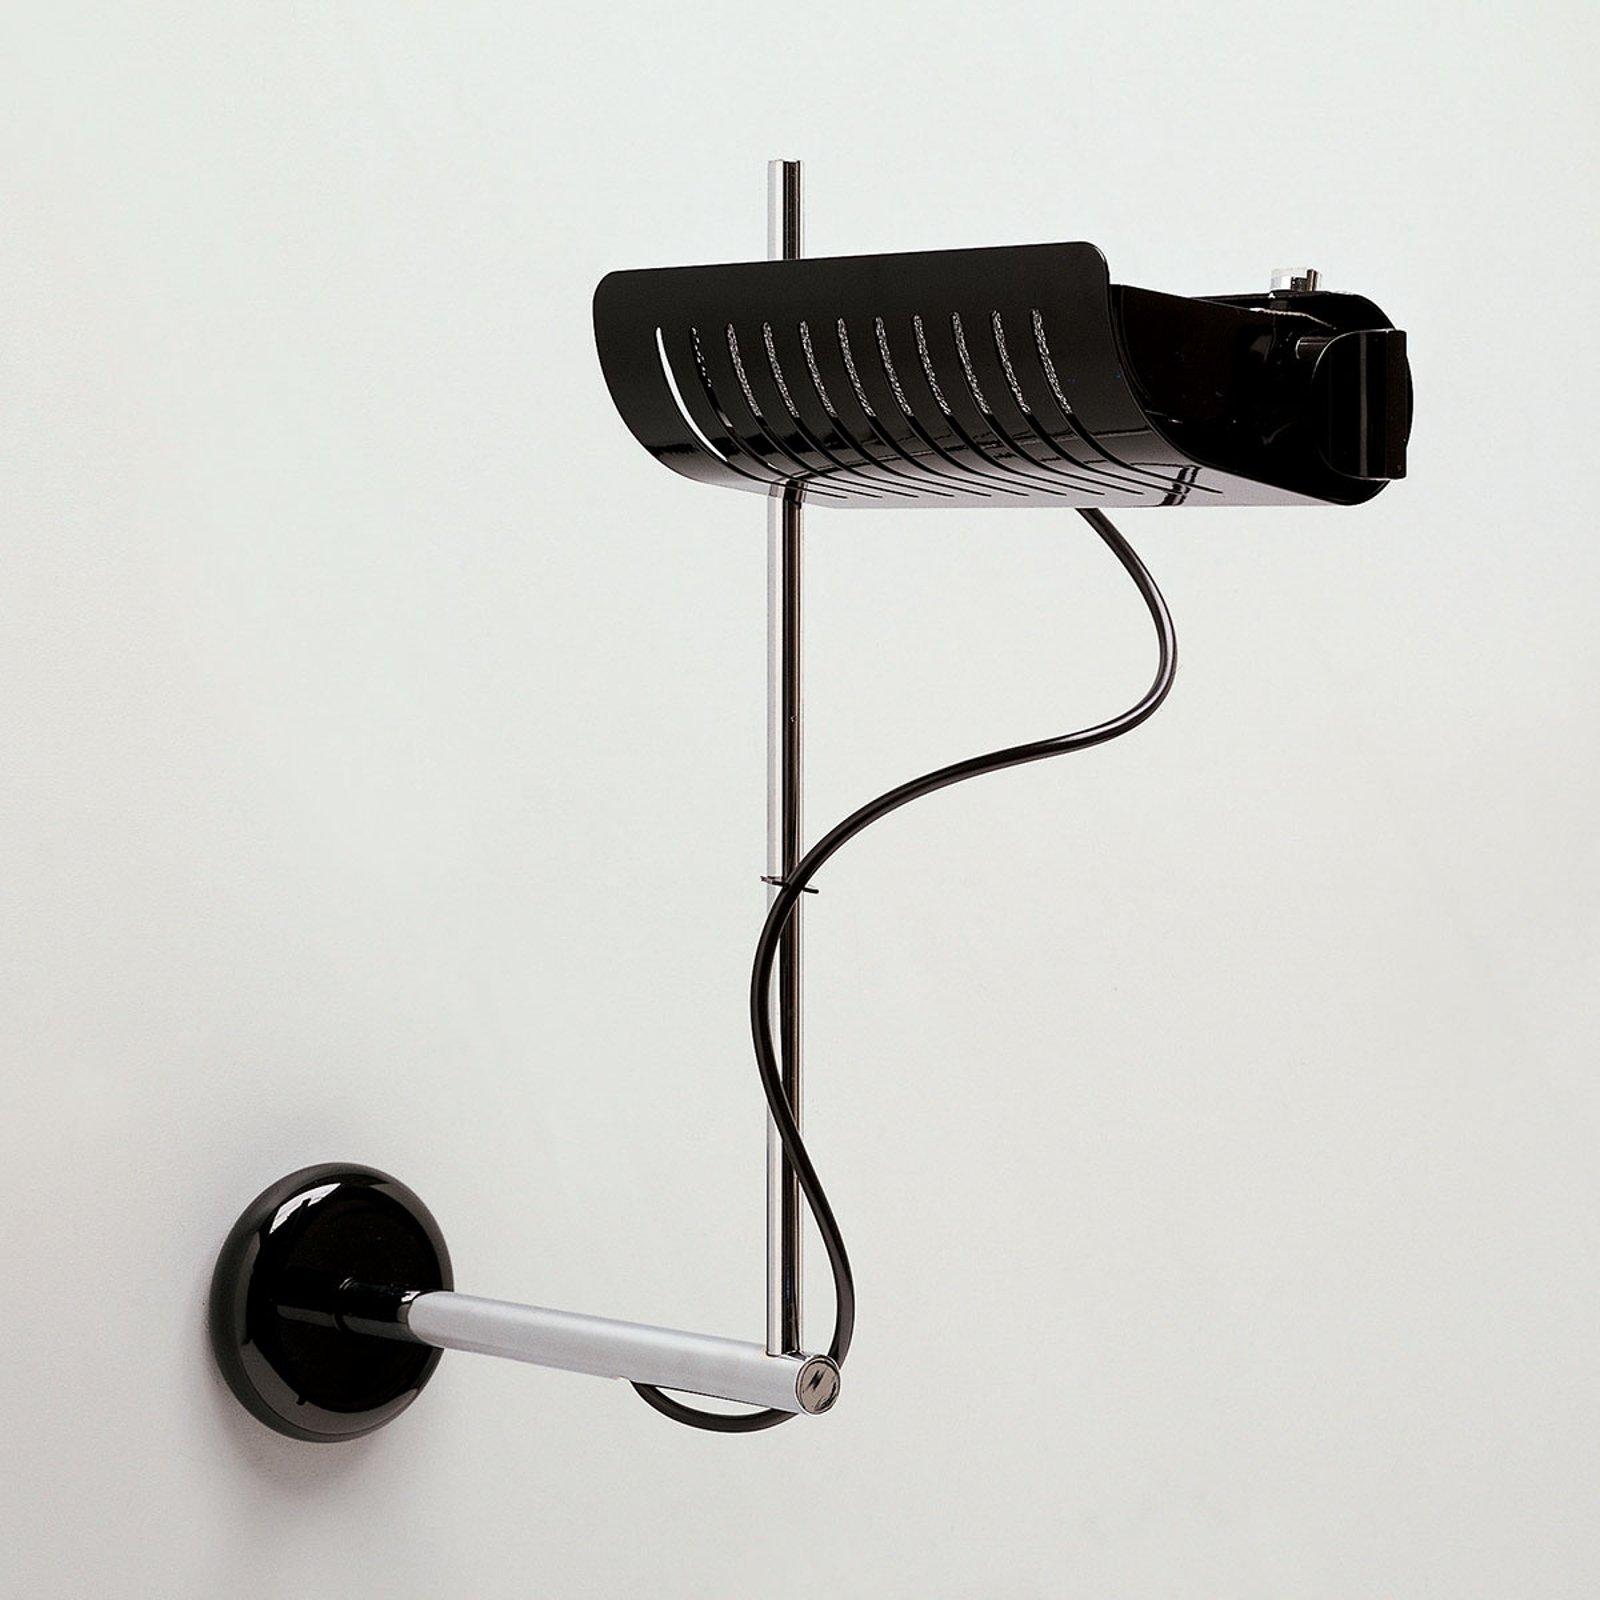 Designer-vegglampe Colombo 761, svart